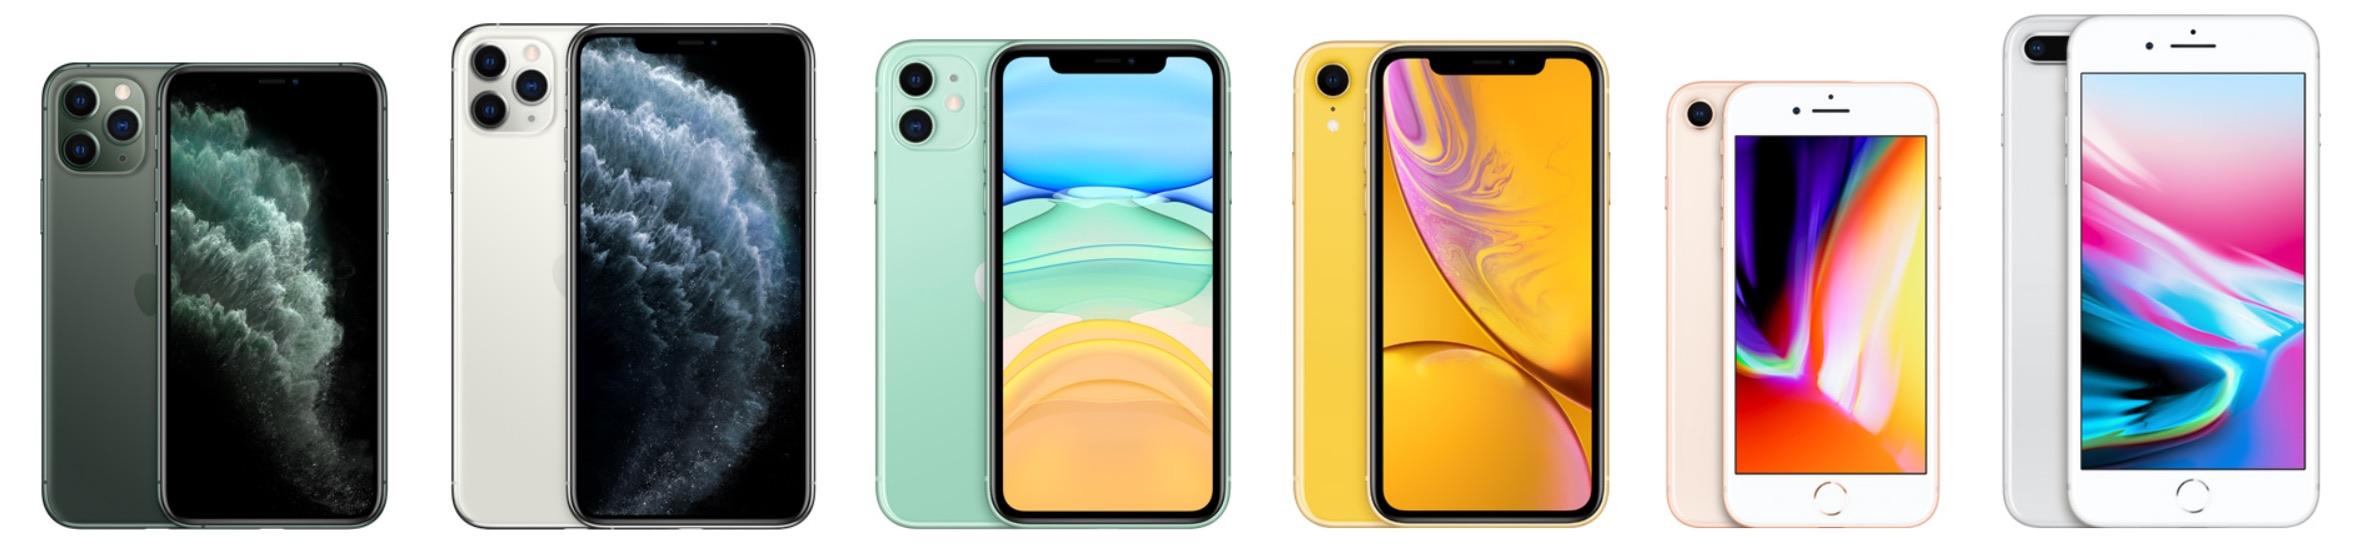 iphone 8 xs größenvergleich